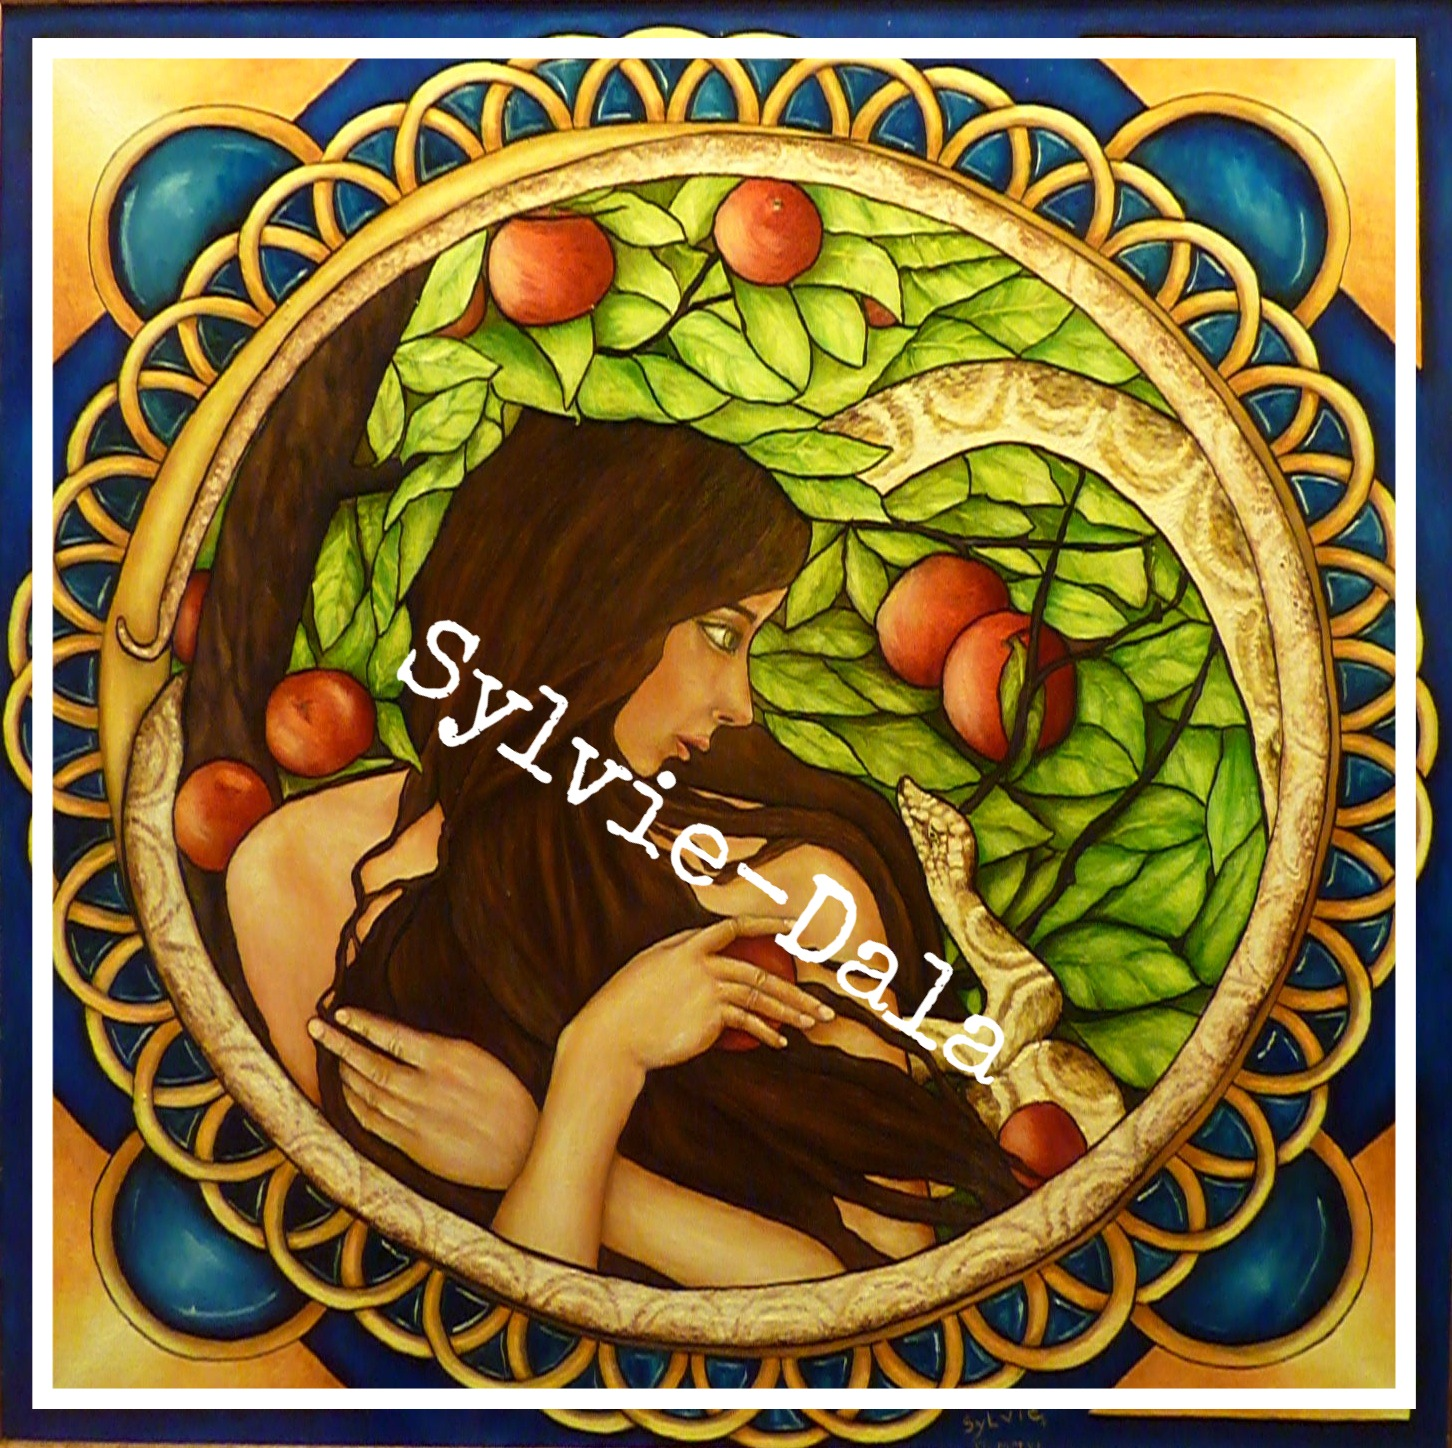 Eve du temps où elle croqua la pomme